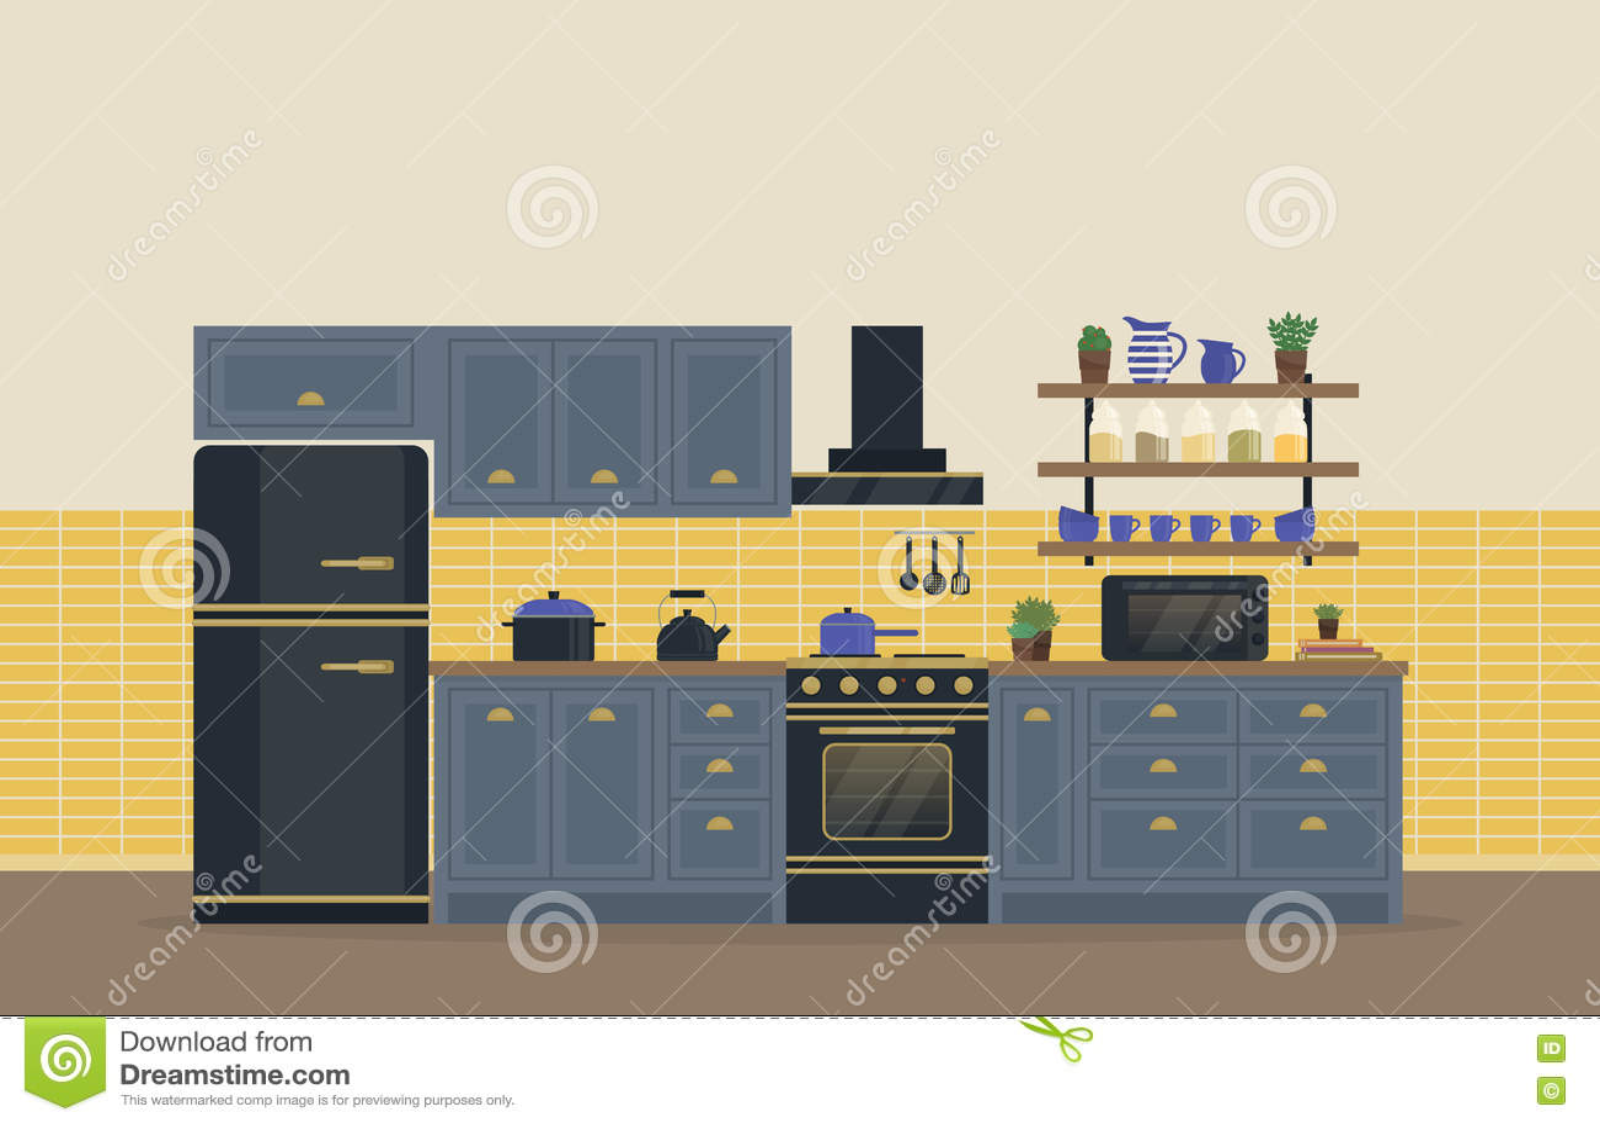 Kühlschrank Krug : Küchenraum für das lebensmittel das innenraum mit ofen oder ofen